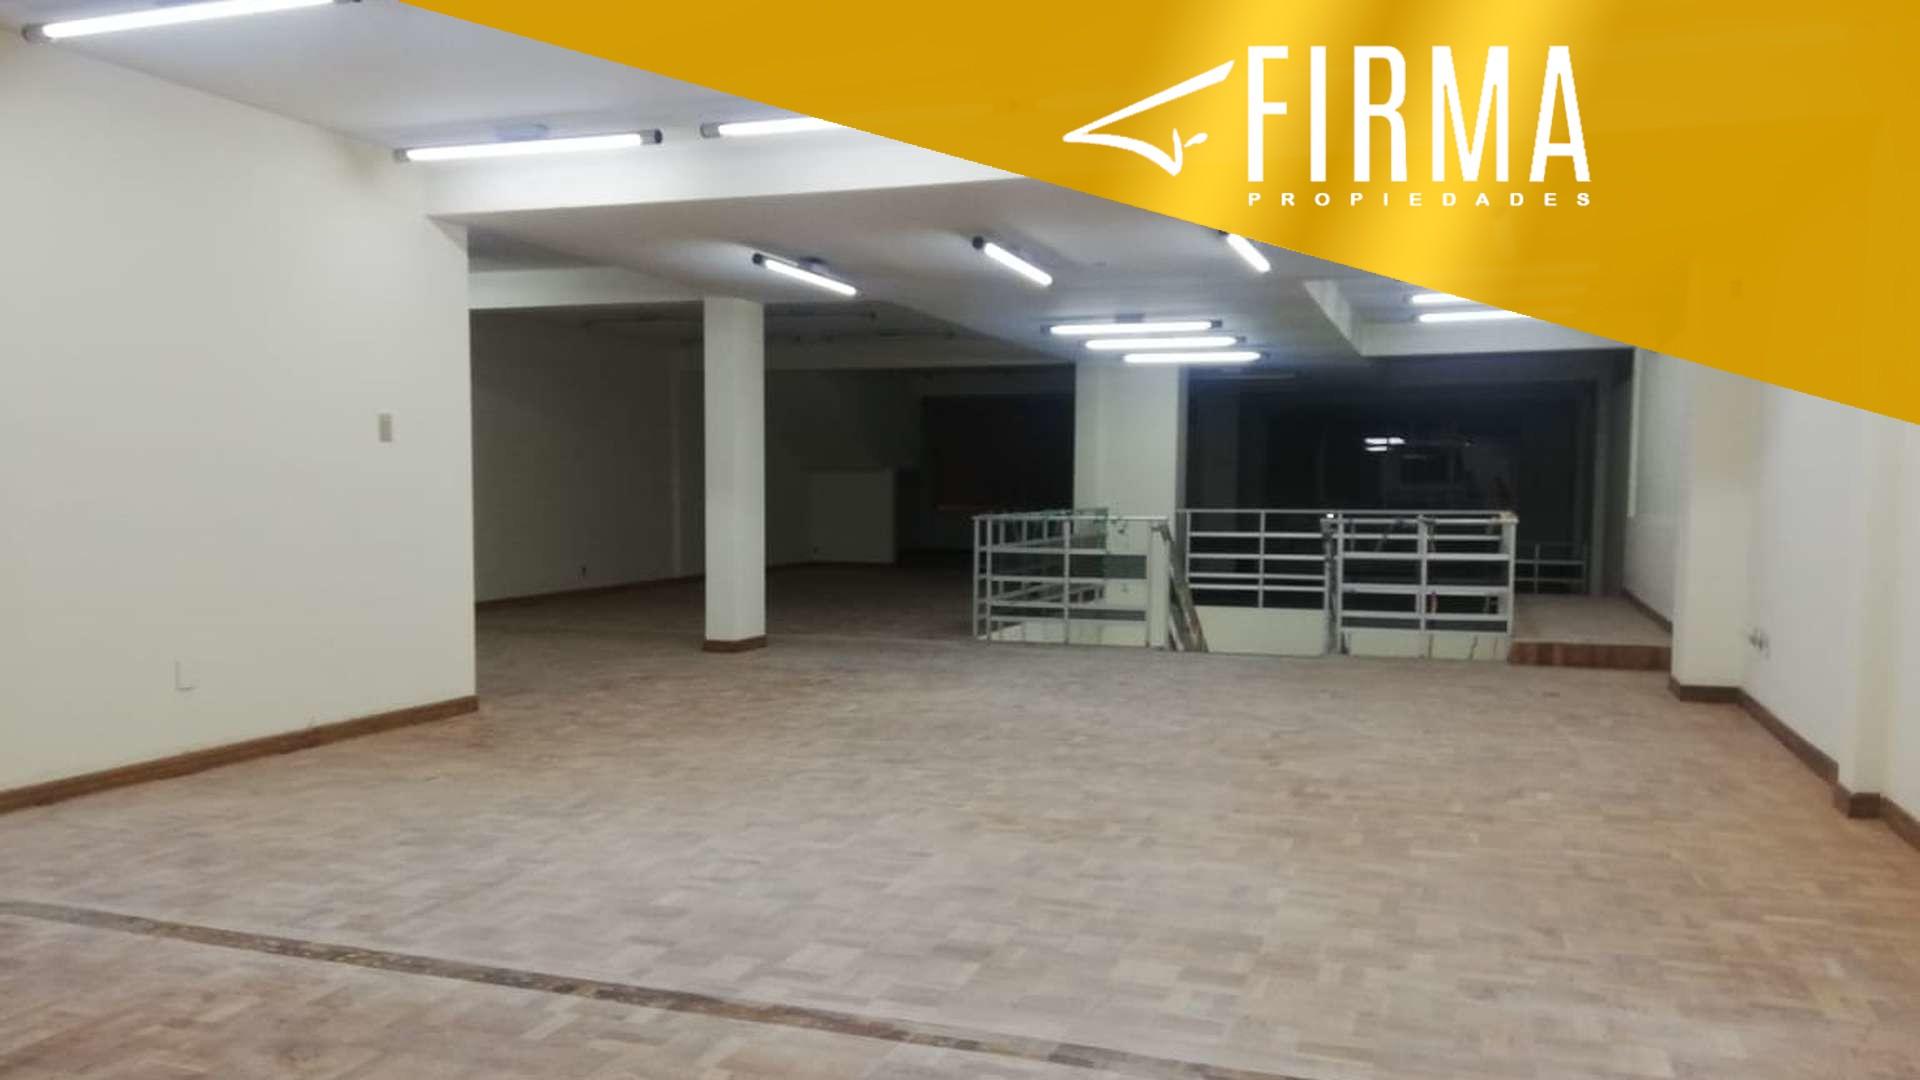 Local comercial en Alquiler FLA52334 – ALQUILA TU LOCAL COMERCIAL U OFICINAS EN MIRAFLORES Foto 1